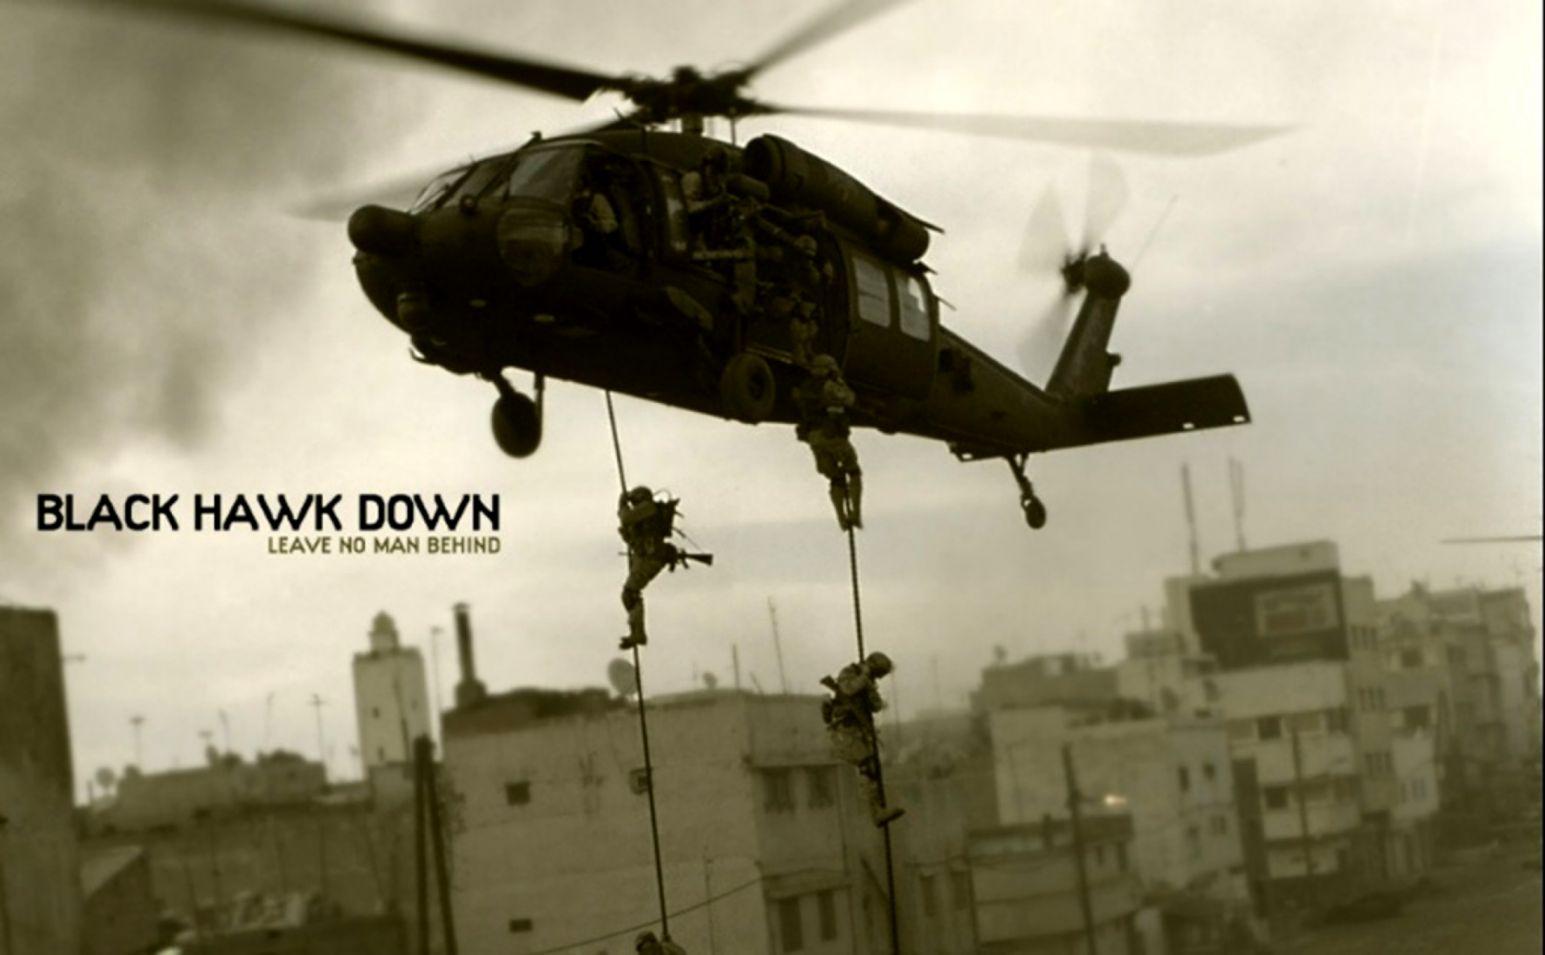 Black Hawk Hd Wallpaper.